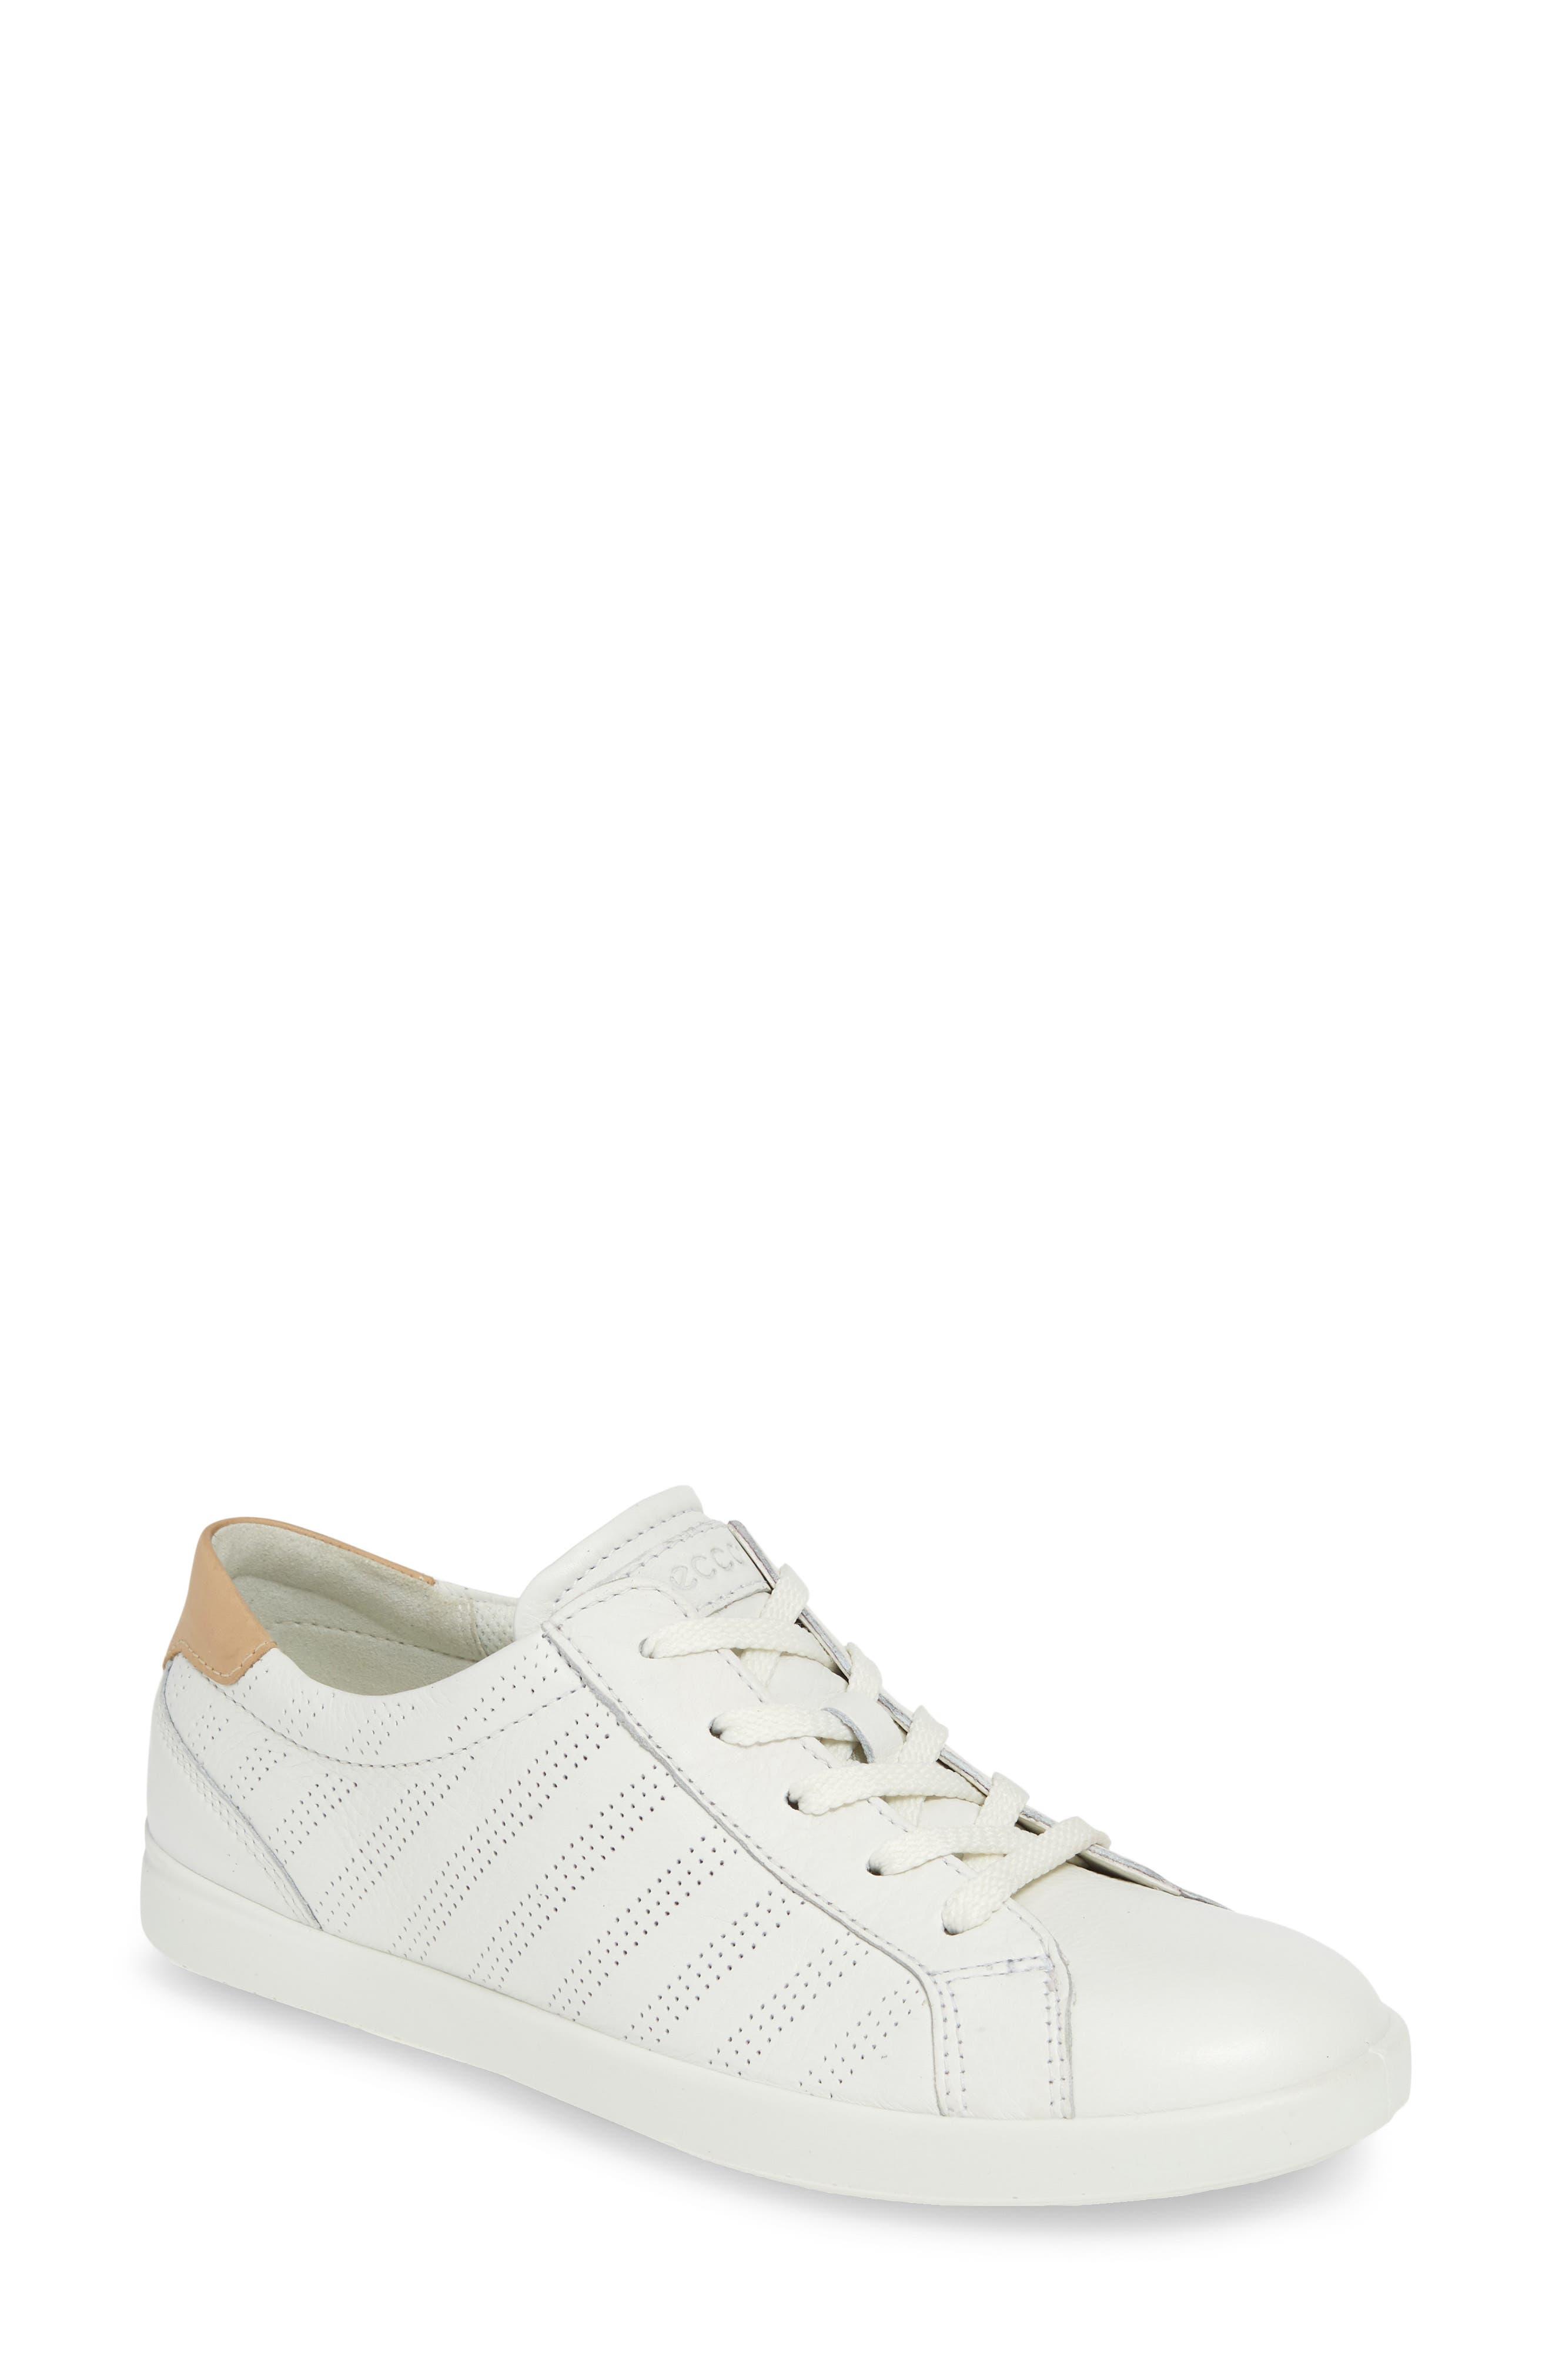 Ecco Leisure Tie Sneaker, White